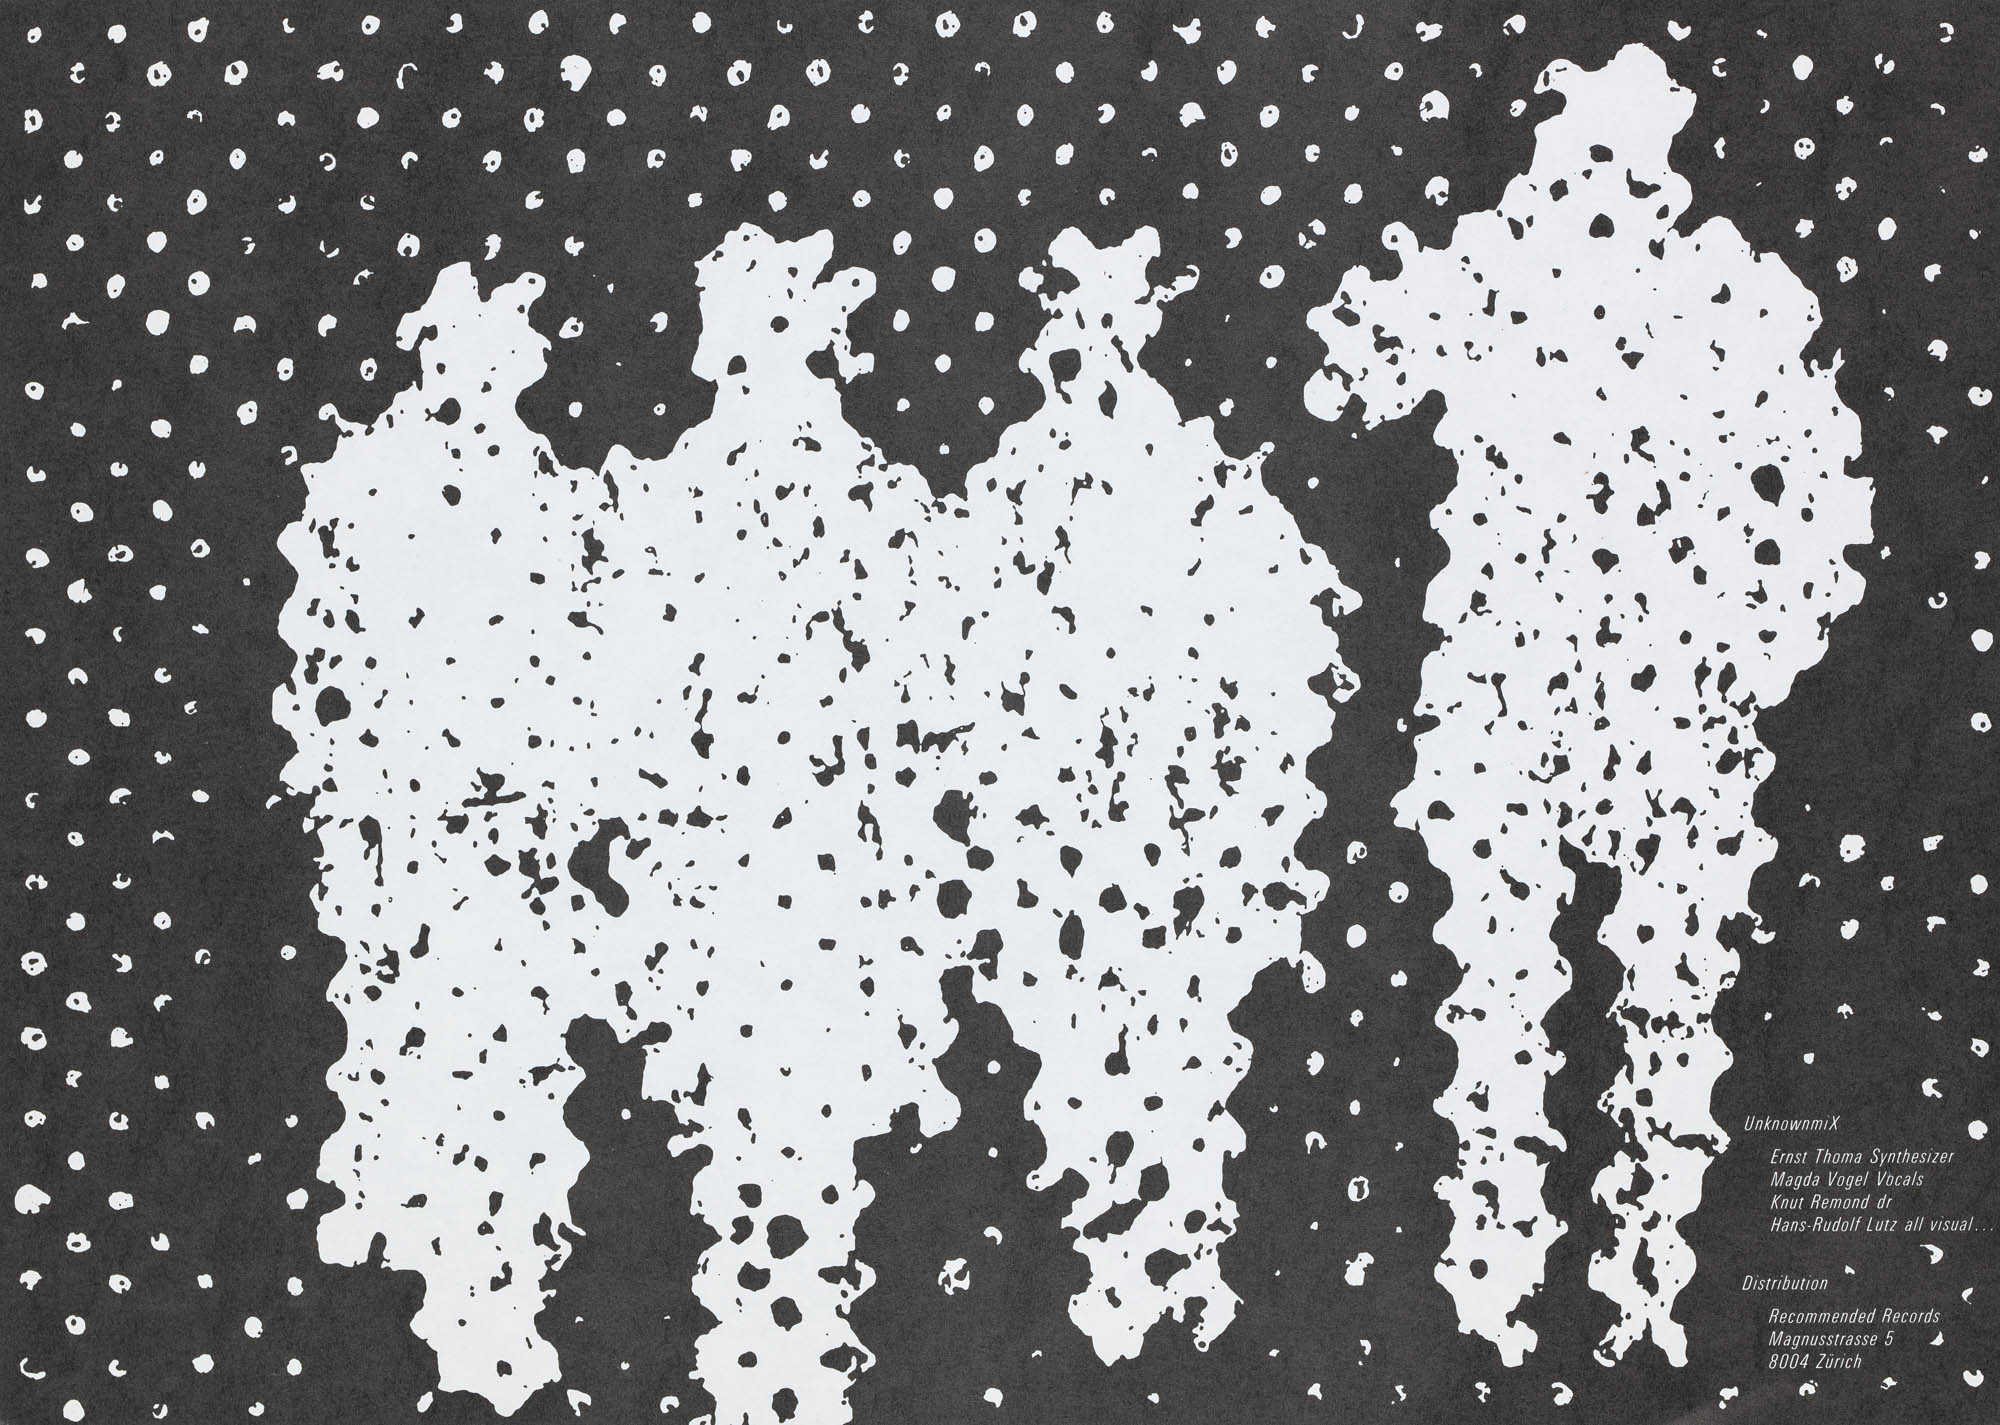 1 – Menschen Hans-Rudolf Lutz Livre d'artiste